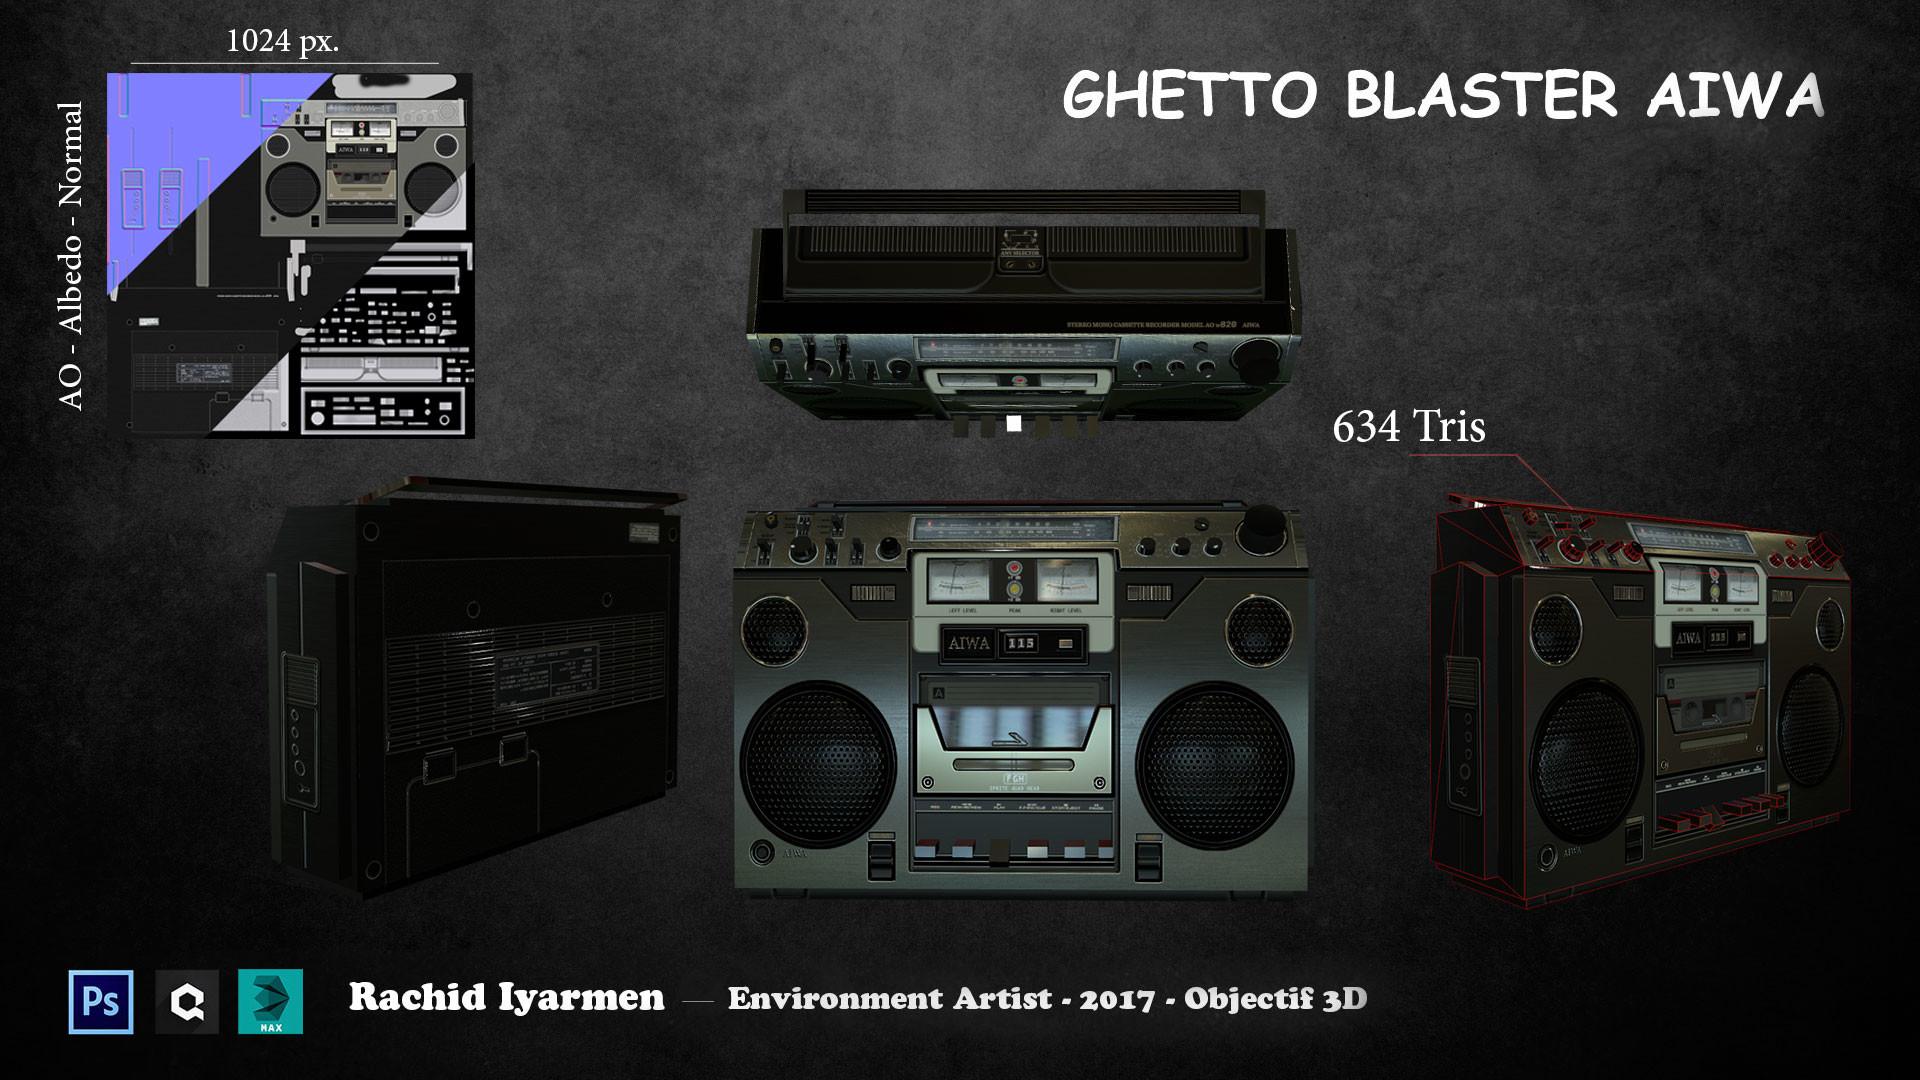 Rachid iyarmen planche ghetto blaster